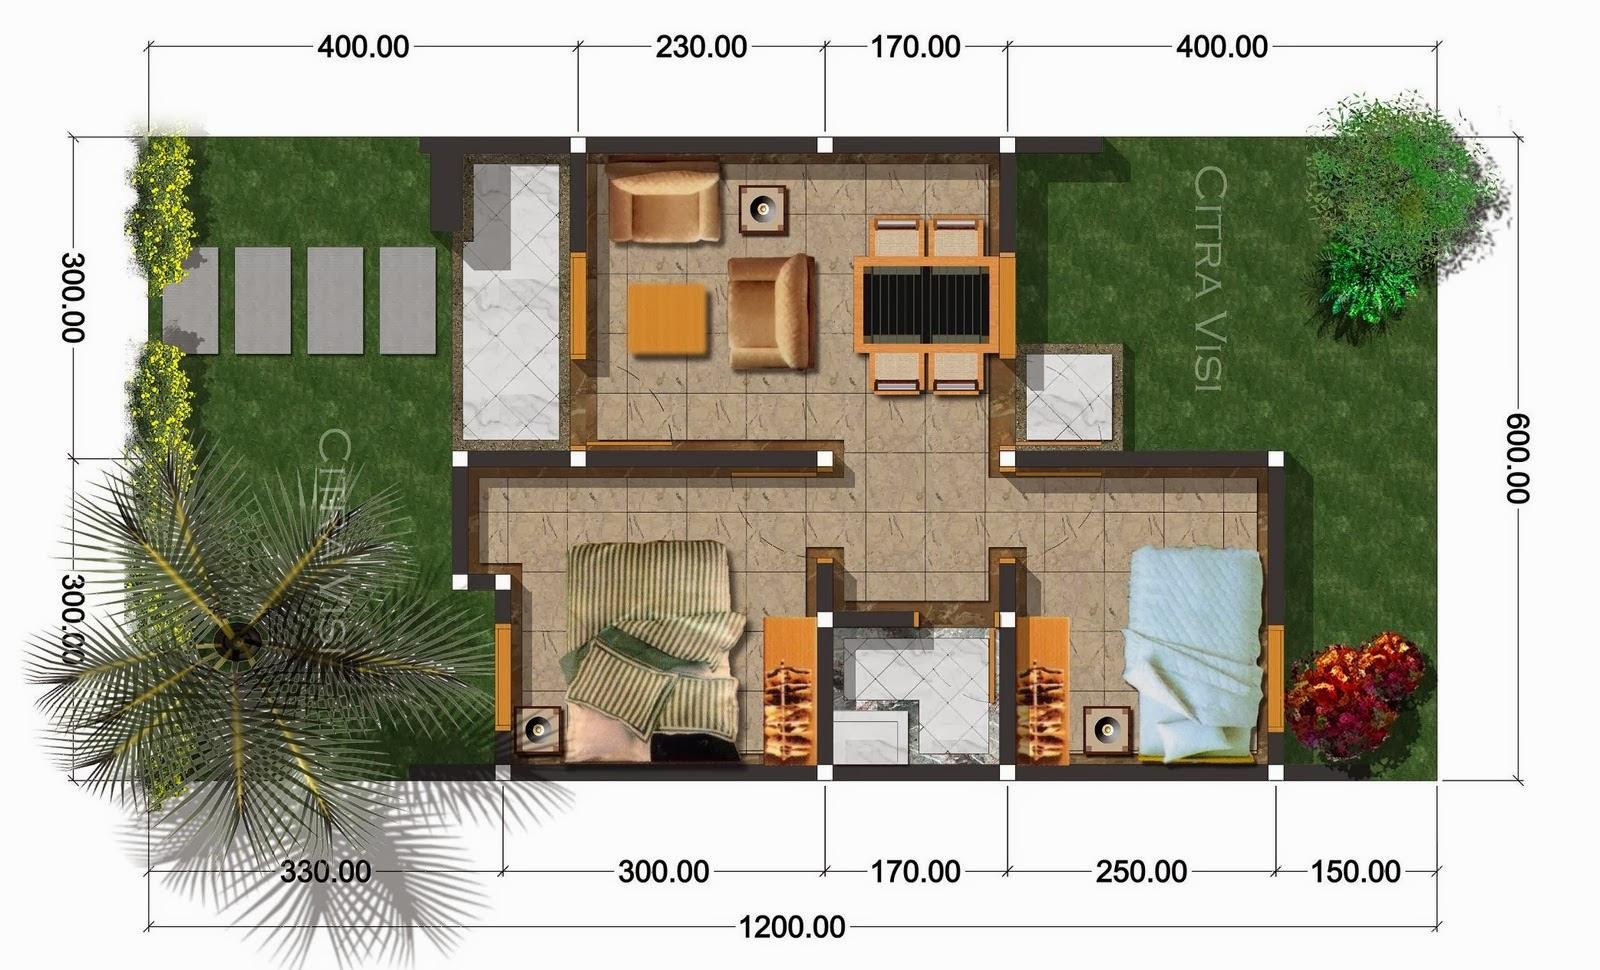 Denah Rumah 3 Kamar Ukuran 7x9 Paling Dicari Bagus Livedesaincom